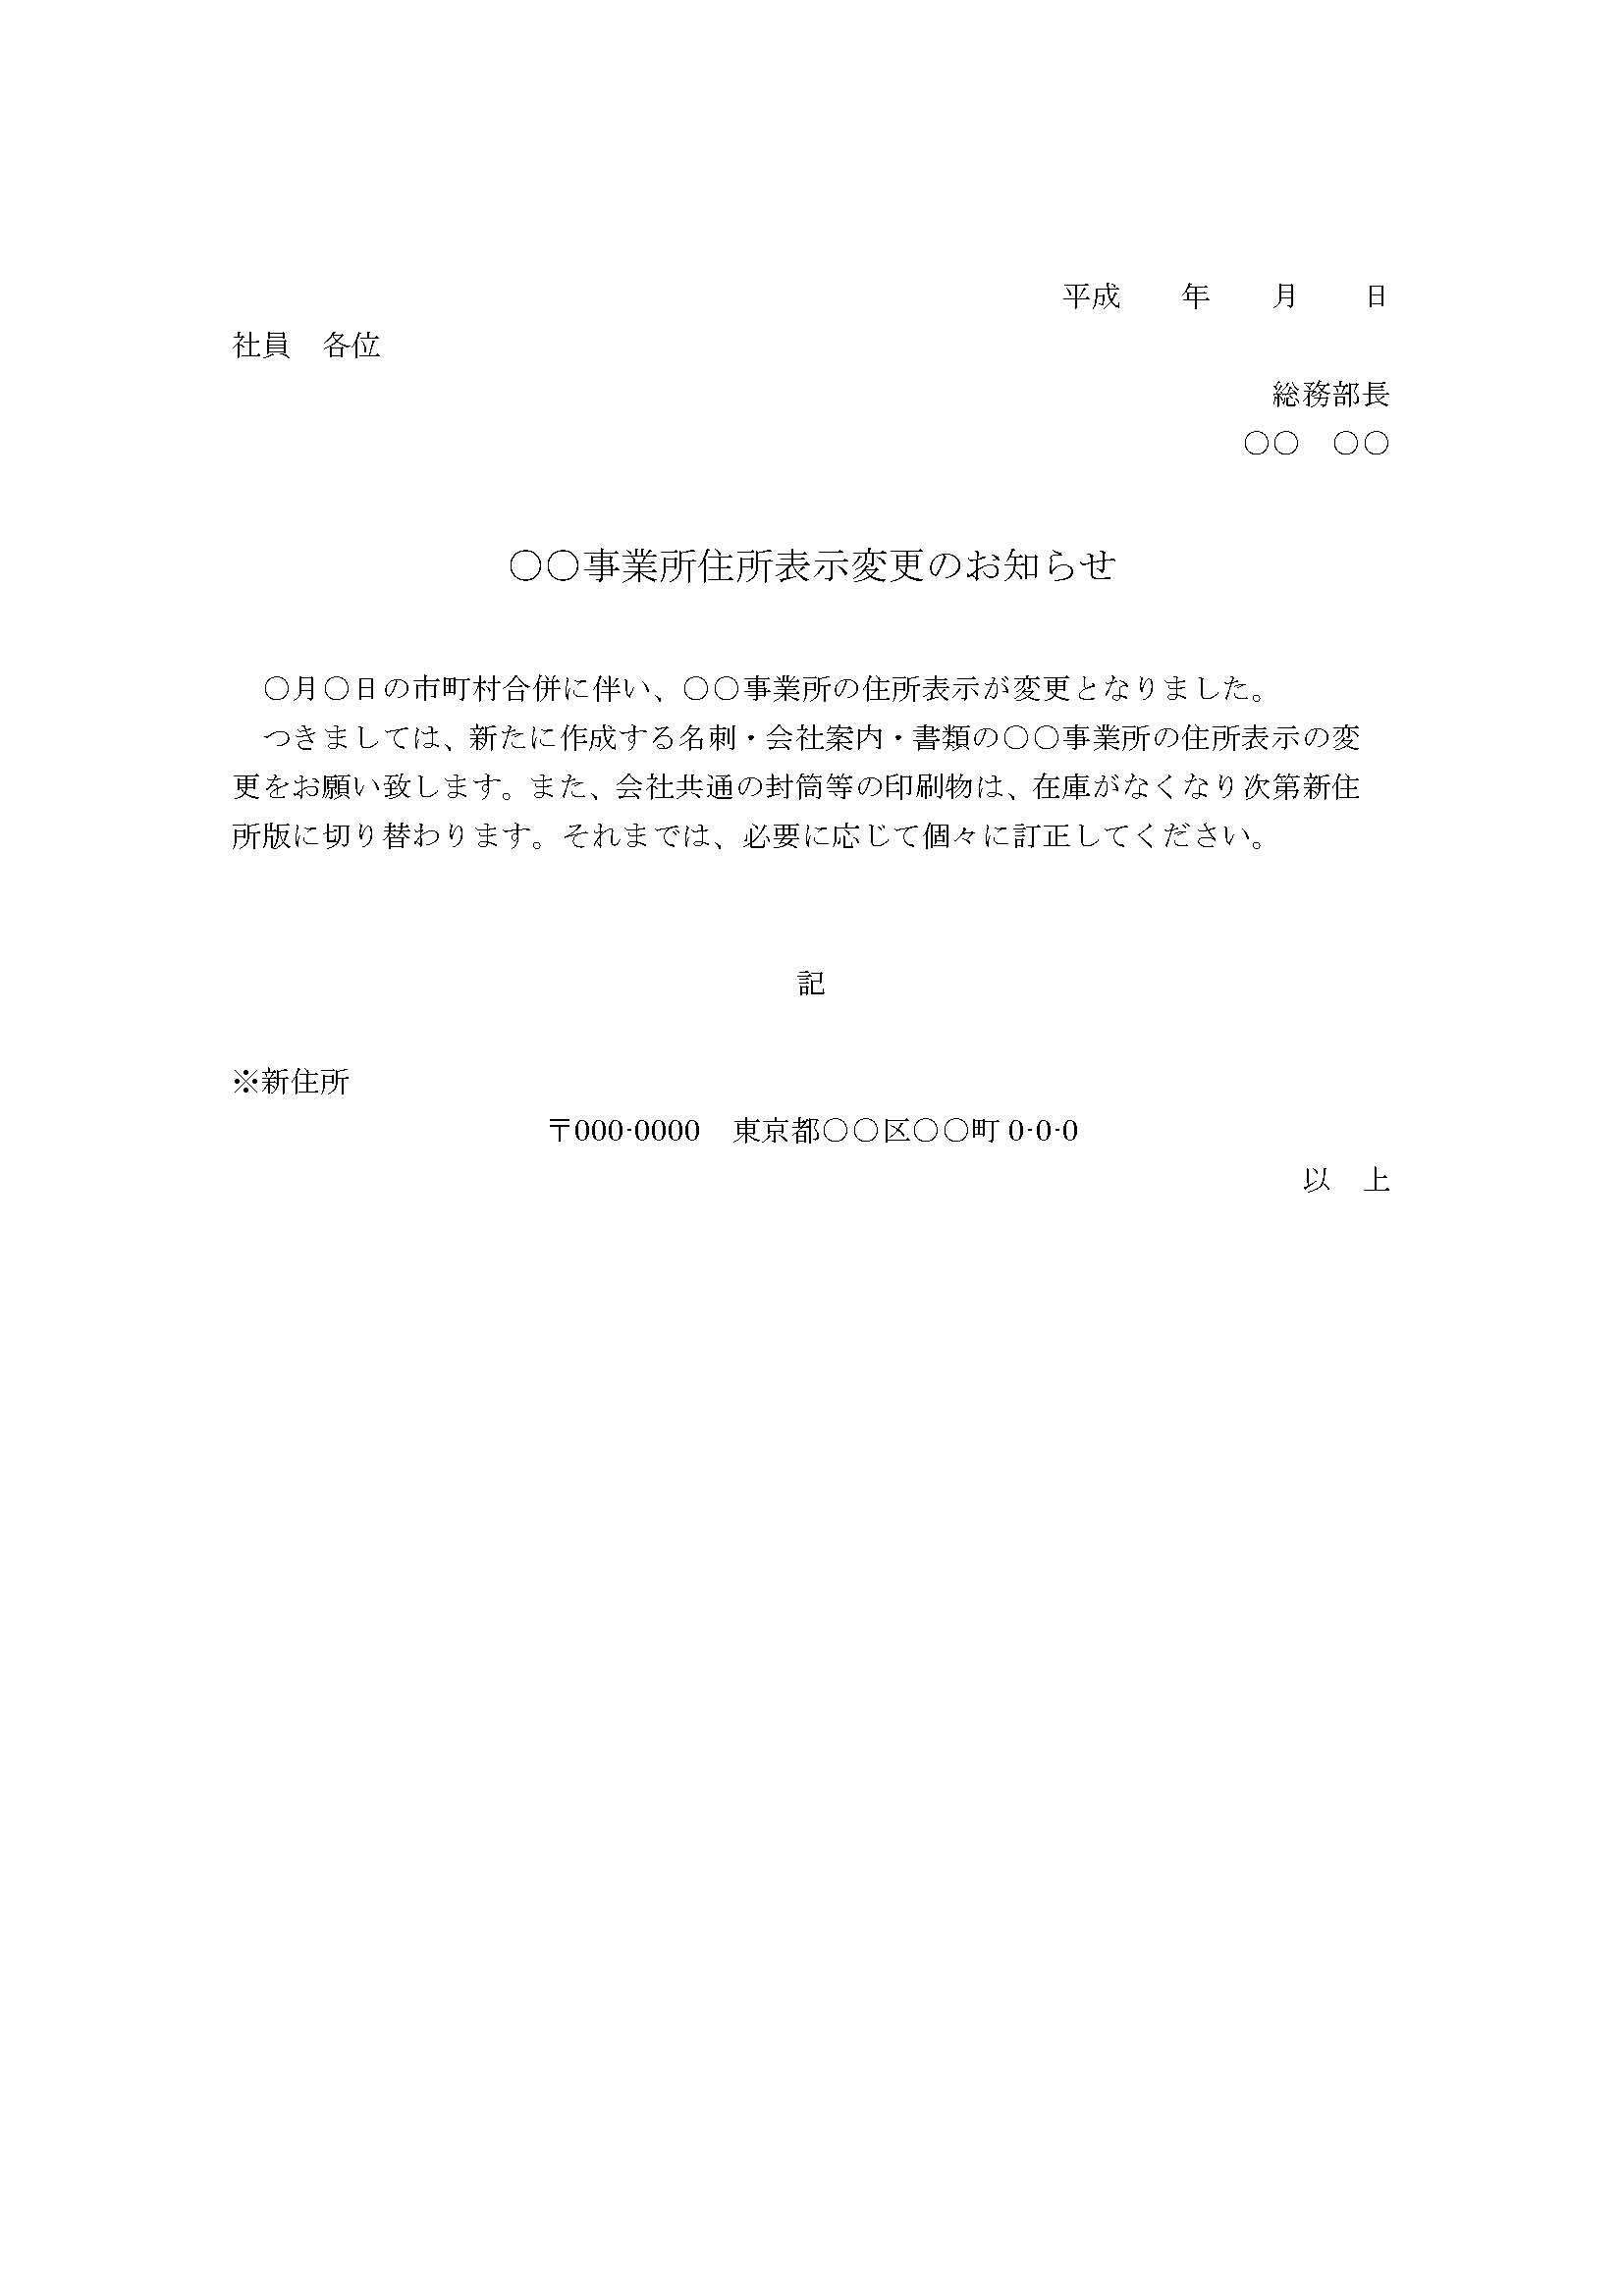 お知らせ(事業所住所表示変更)